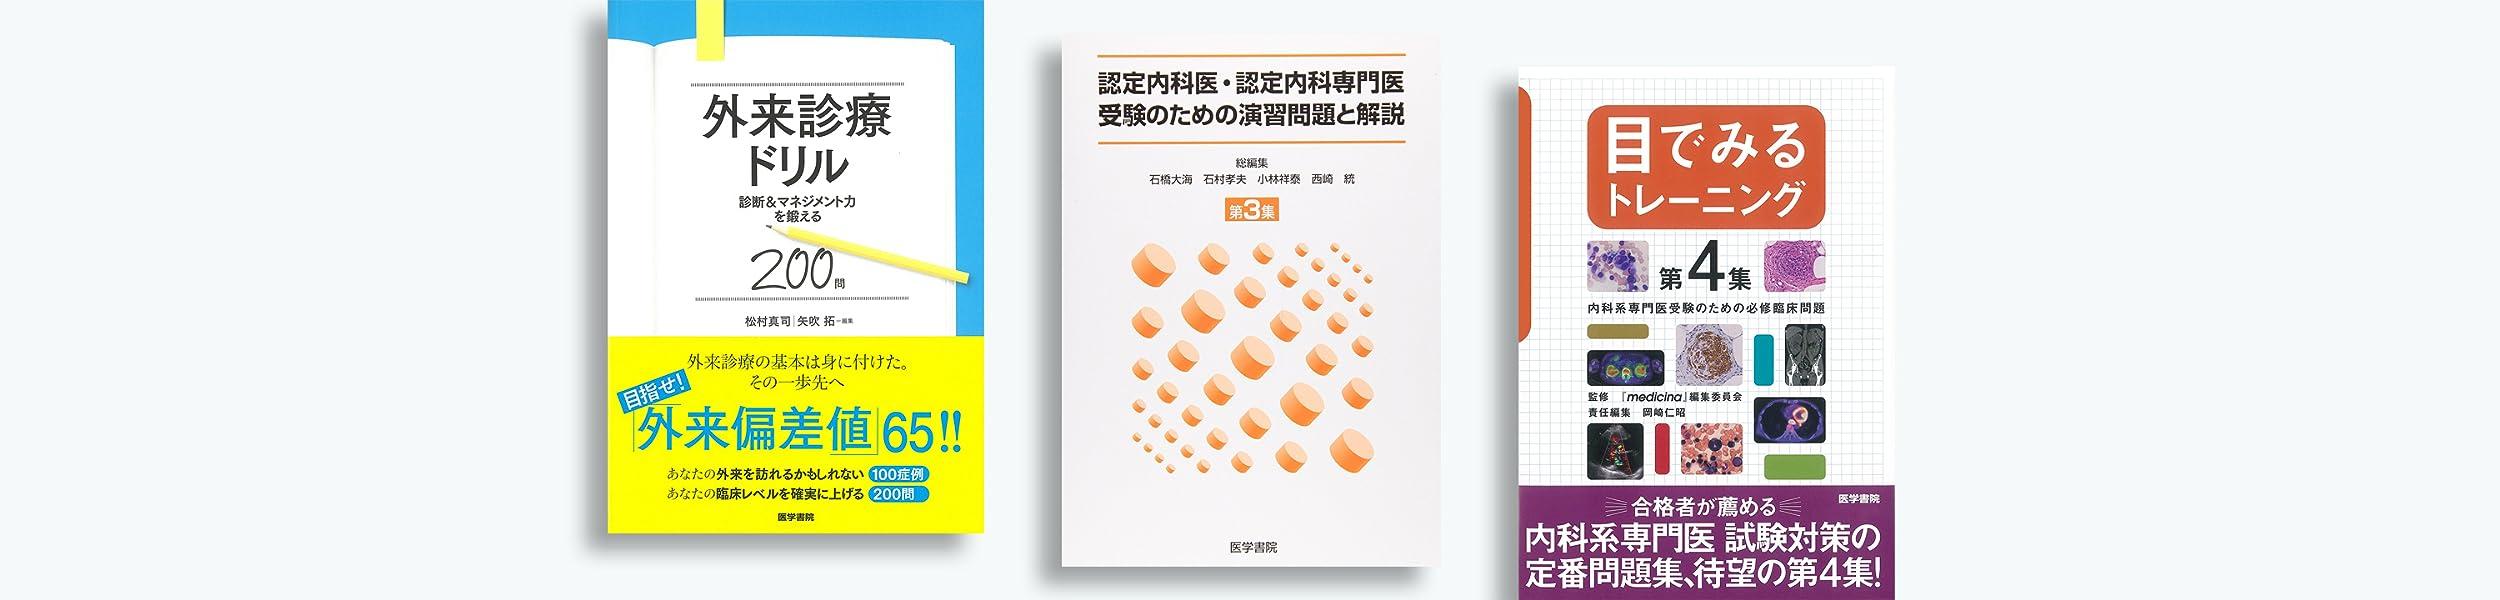 9/8(日)  実施 総合内科専門医資格 試験対策